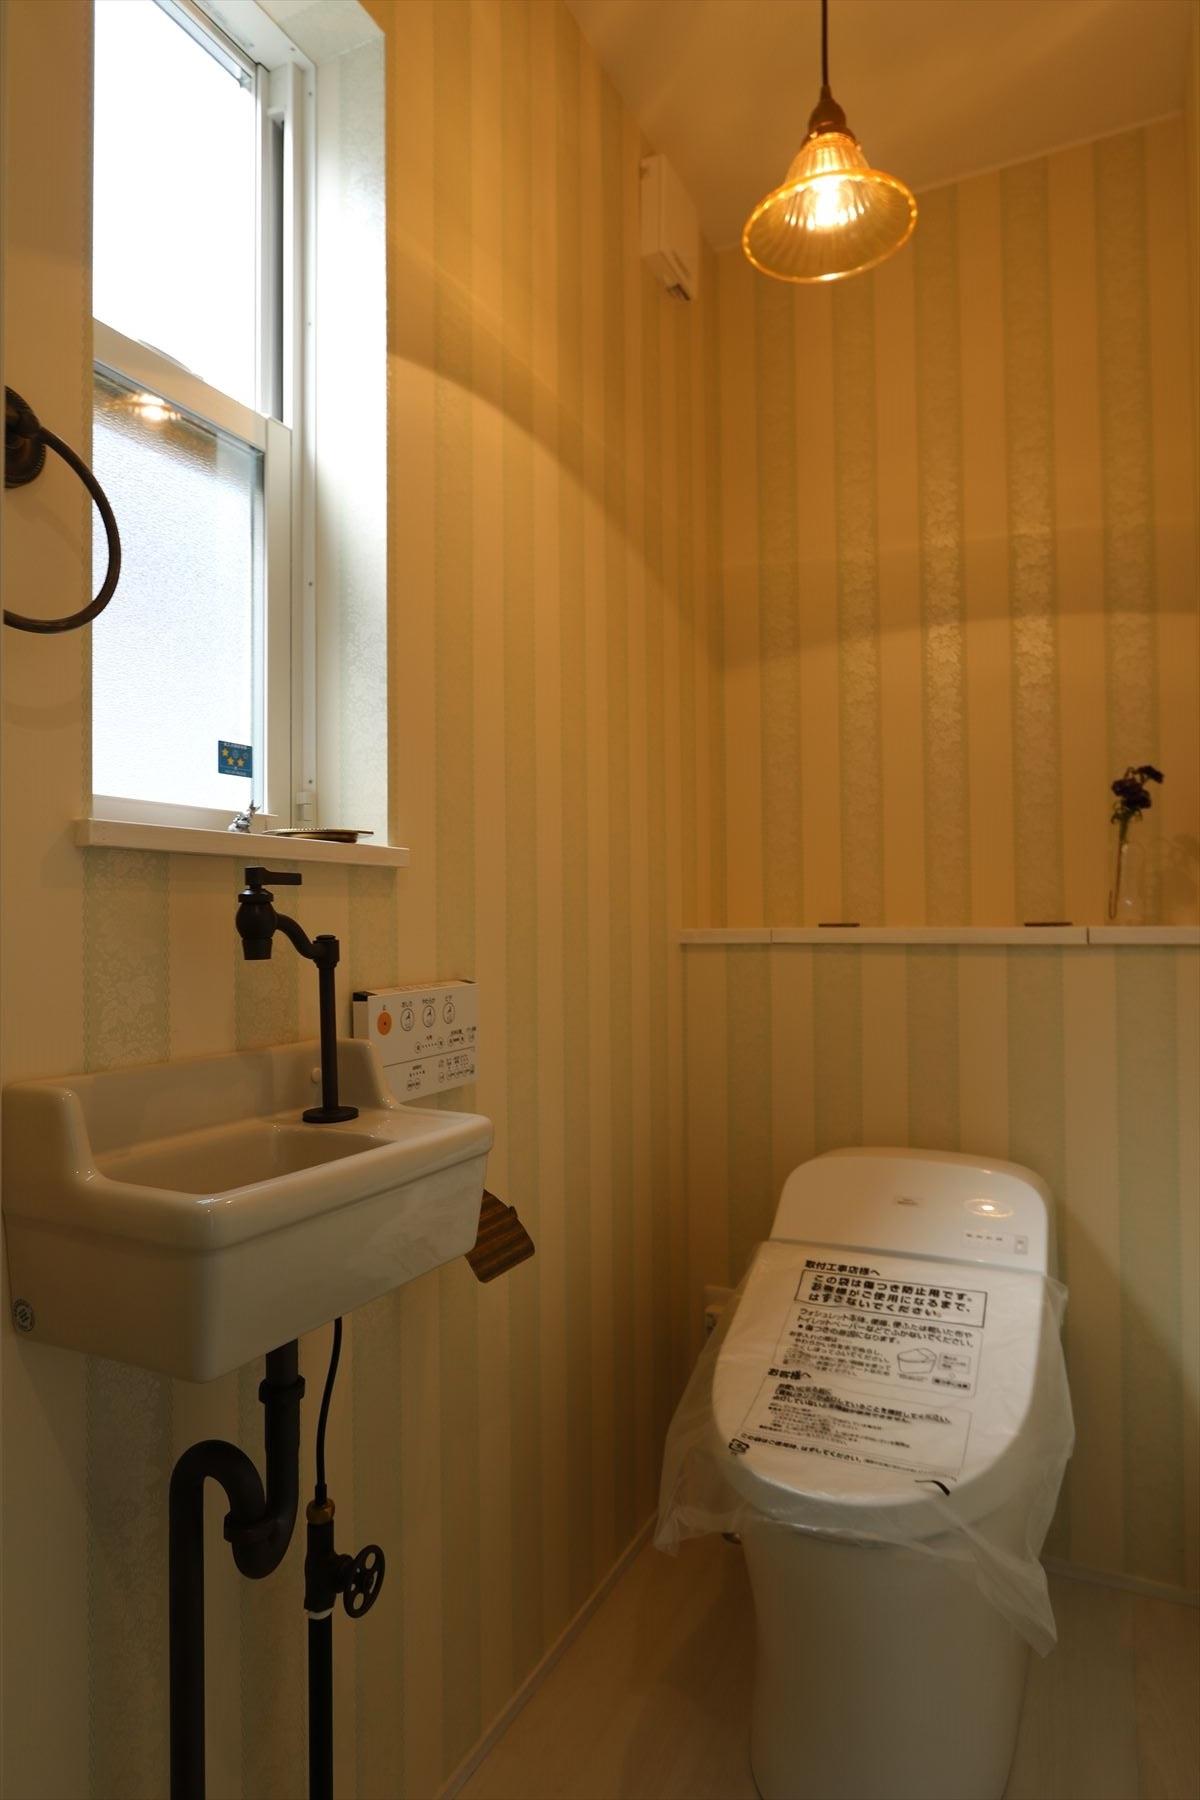 プロヴァンススタイルの家|石川県金沢市の注文住宅・デザイン性・新築の家・戸建て|E-HOUSE